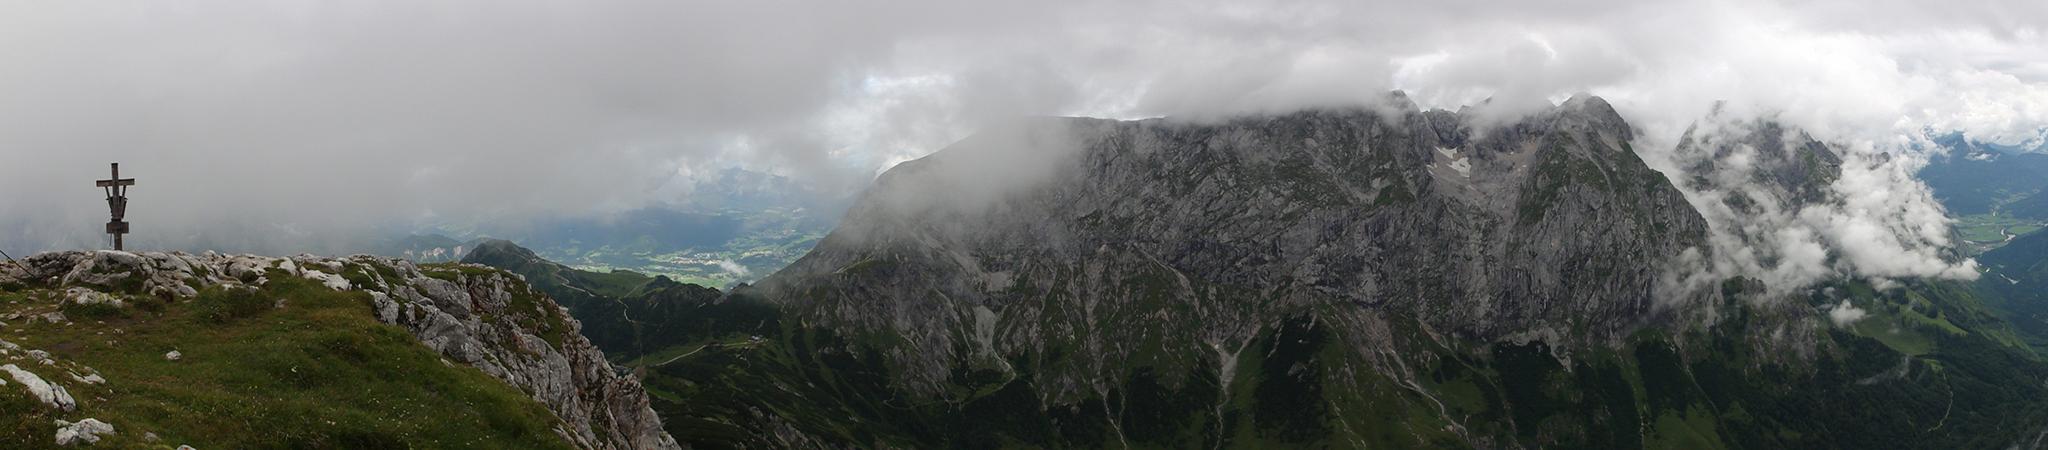 Arnoweg: Gipfelkreuz des Schneibstein (2276 m) und die Südwand des Hohen Gölls (2522 m)